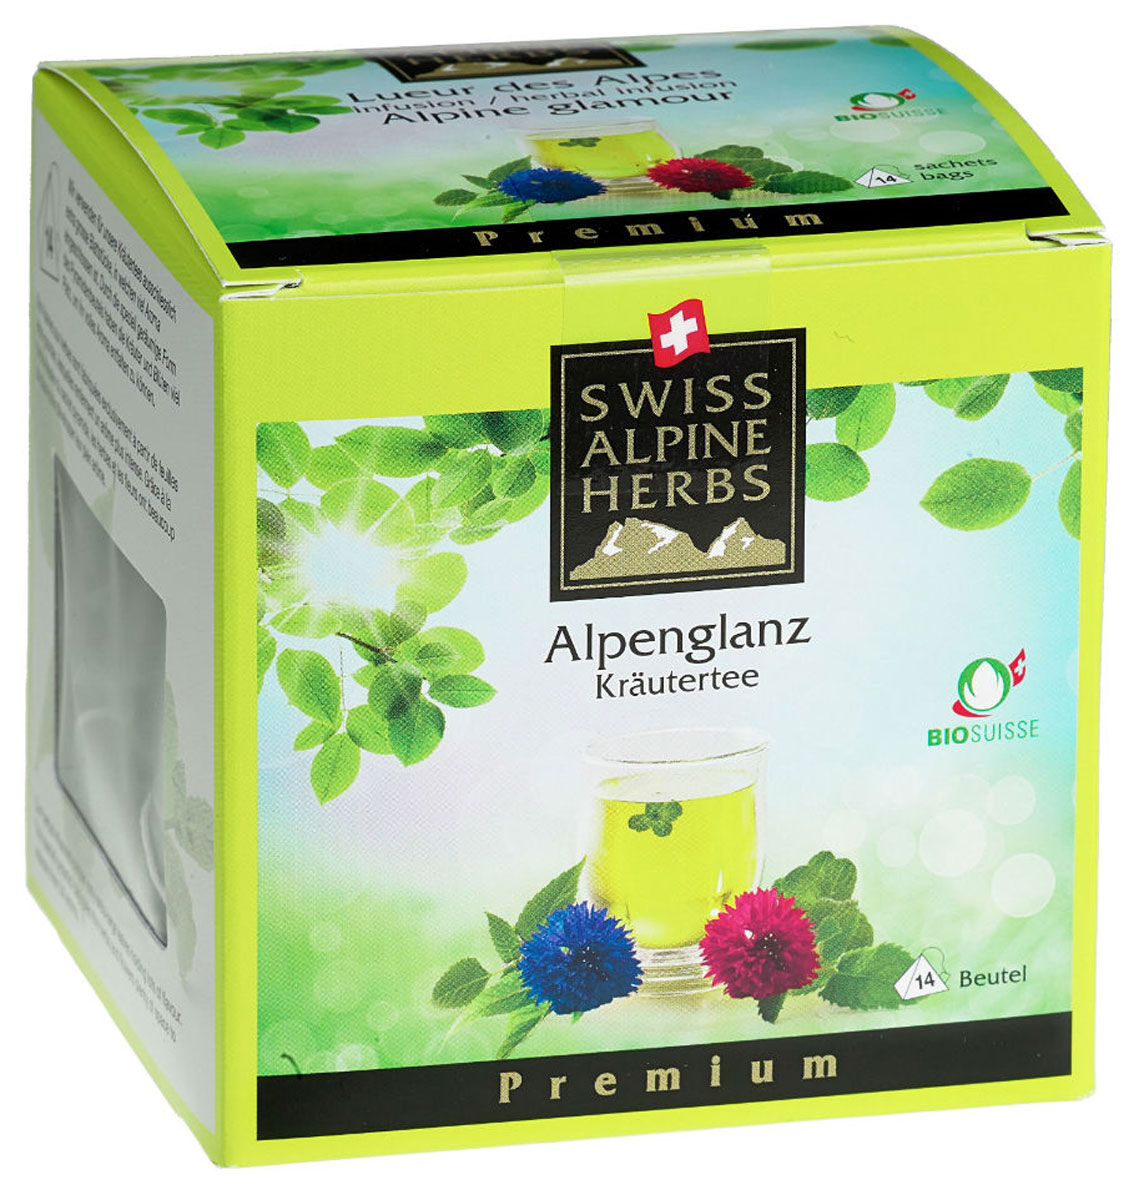 Swiss Alpine Herbs Альпийский гламур травяной чай в пакетиках, 14 шт4607099304369Элитный чай в пирамидках Swiss Alpine Herbs– это вкусный, бодрящий и тонизирующий напиток. В его состав входят альпийские травы: мелисса, марокканская мята, апельсиновая мята, яблочная мята, монарда двойчатая, цветки василька голубого и красного. Это не просто вкусный, но и очень полезный чай, который обеспечит ваш организм необходимыми витаминами.